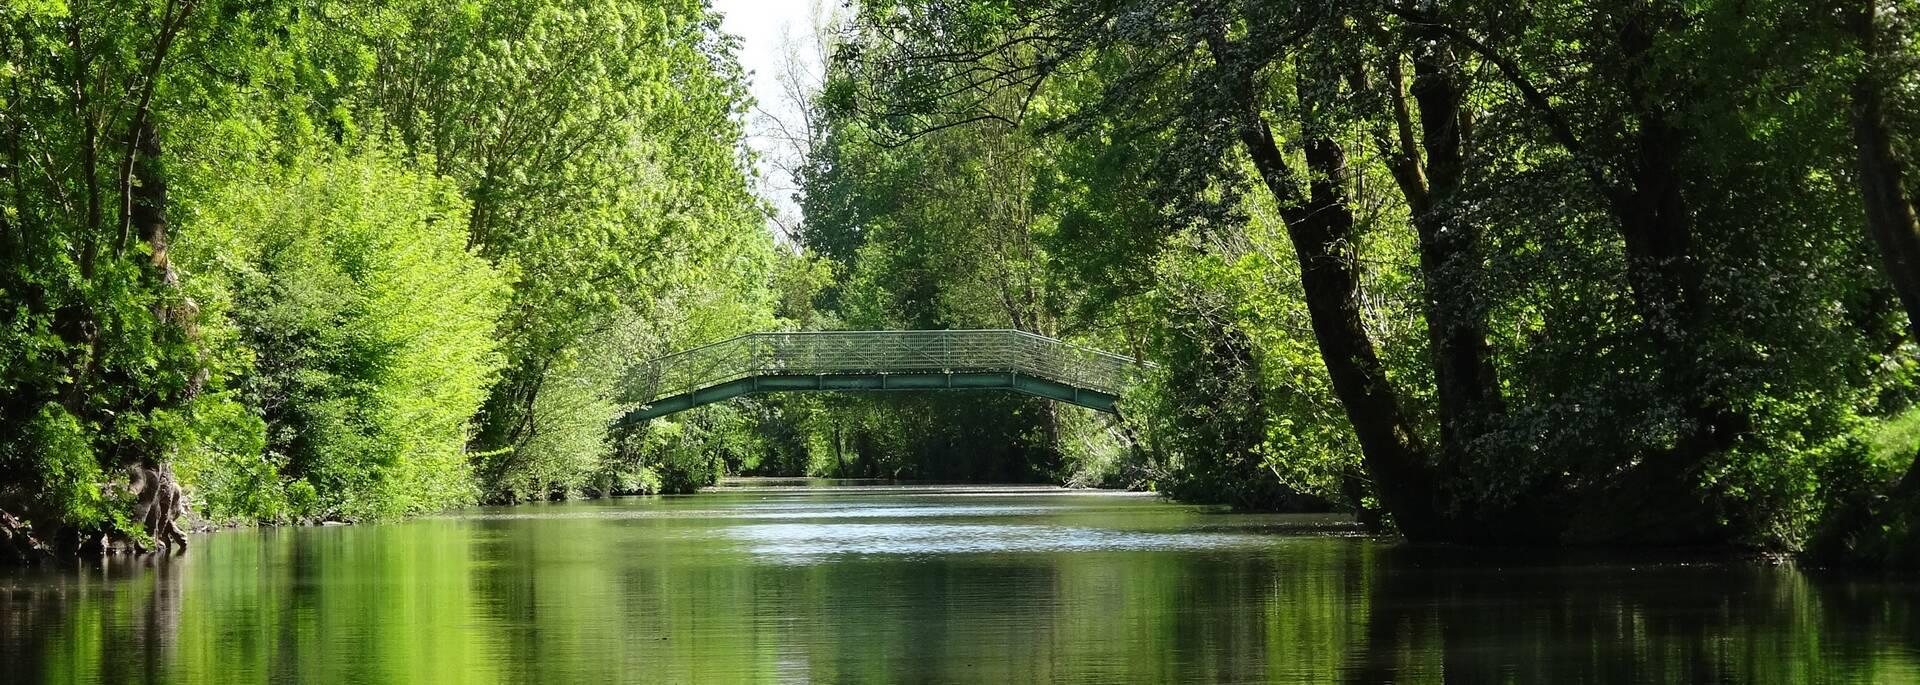 Un pont sur le canal - @J.RAMOS / FDHPA17